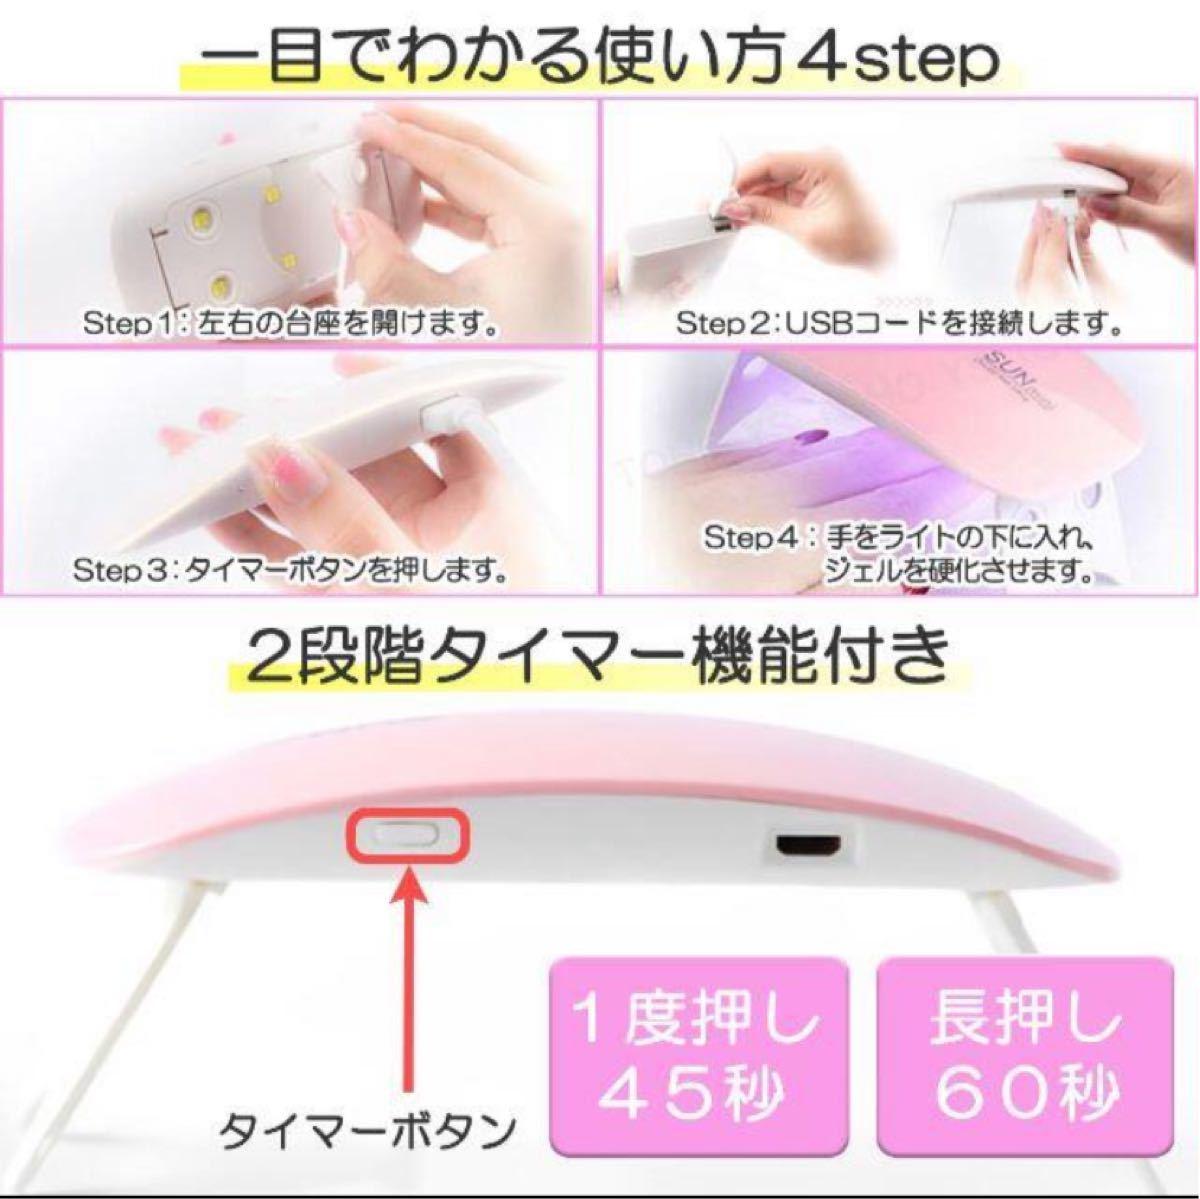 UVライト LED ジェルネイル ミニ 折りたたみ 超軽量 薄型 携帯用 出張  レジン UVライト